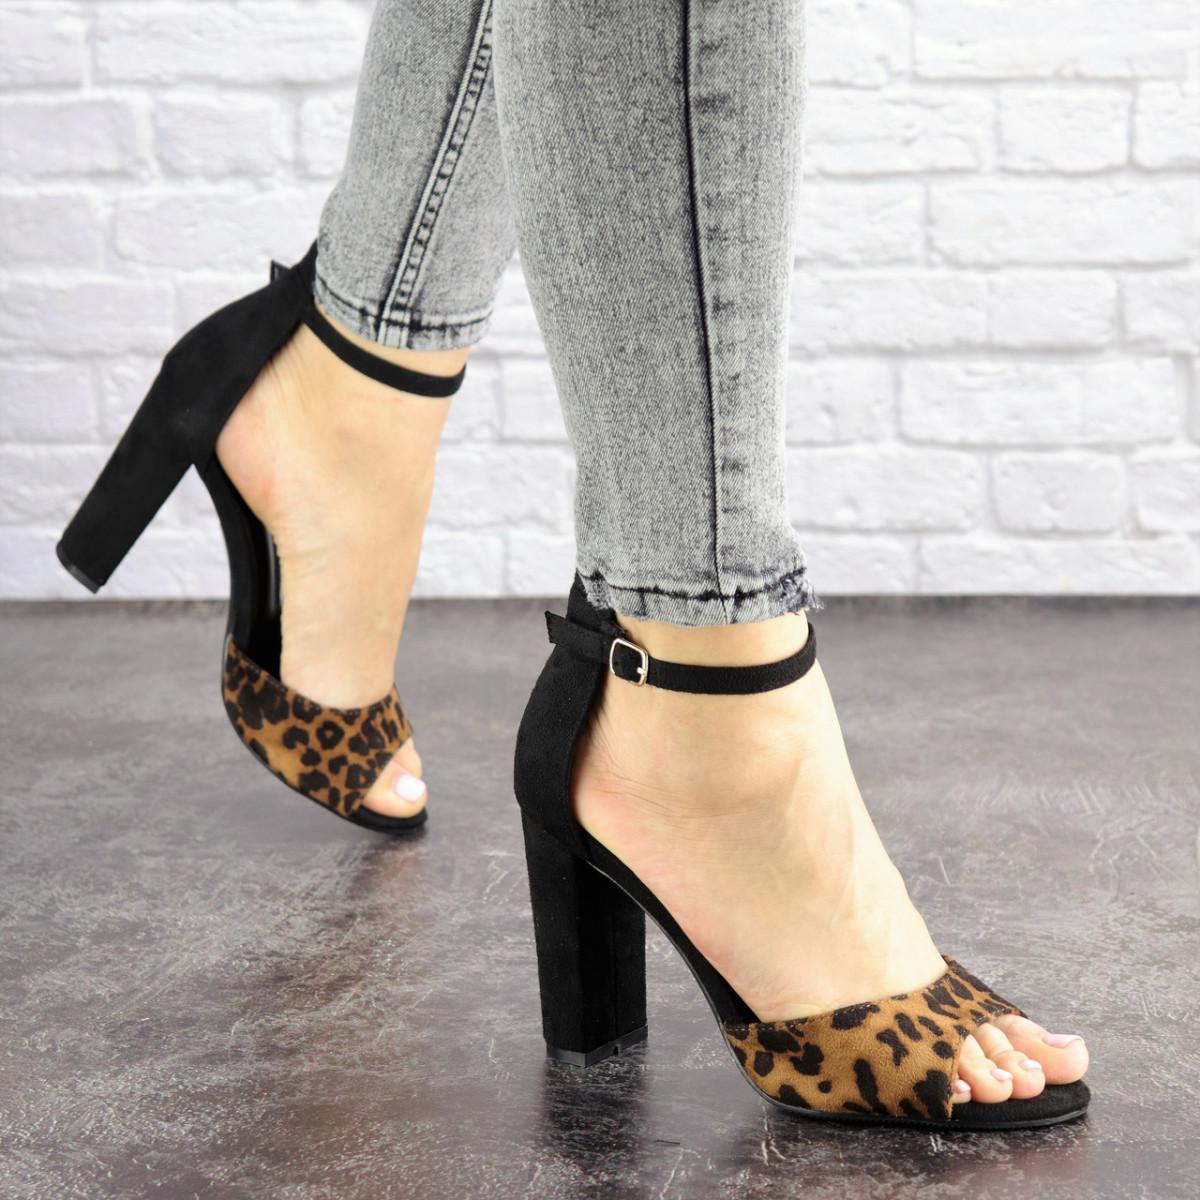 Женские стильные леопардовые босоножки Jayden на каблуке 1178 (40 размер)